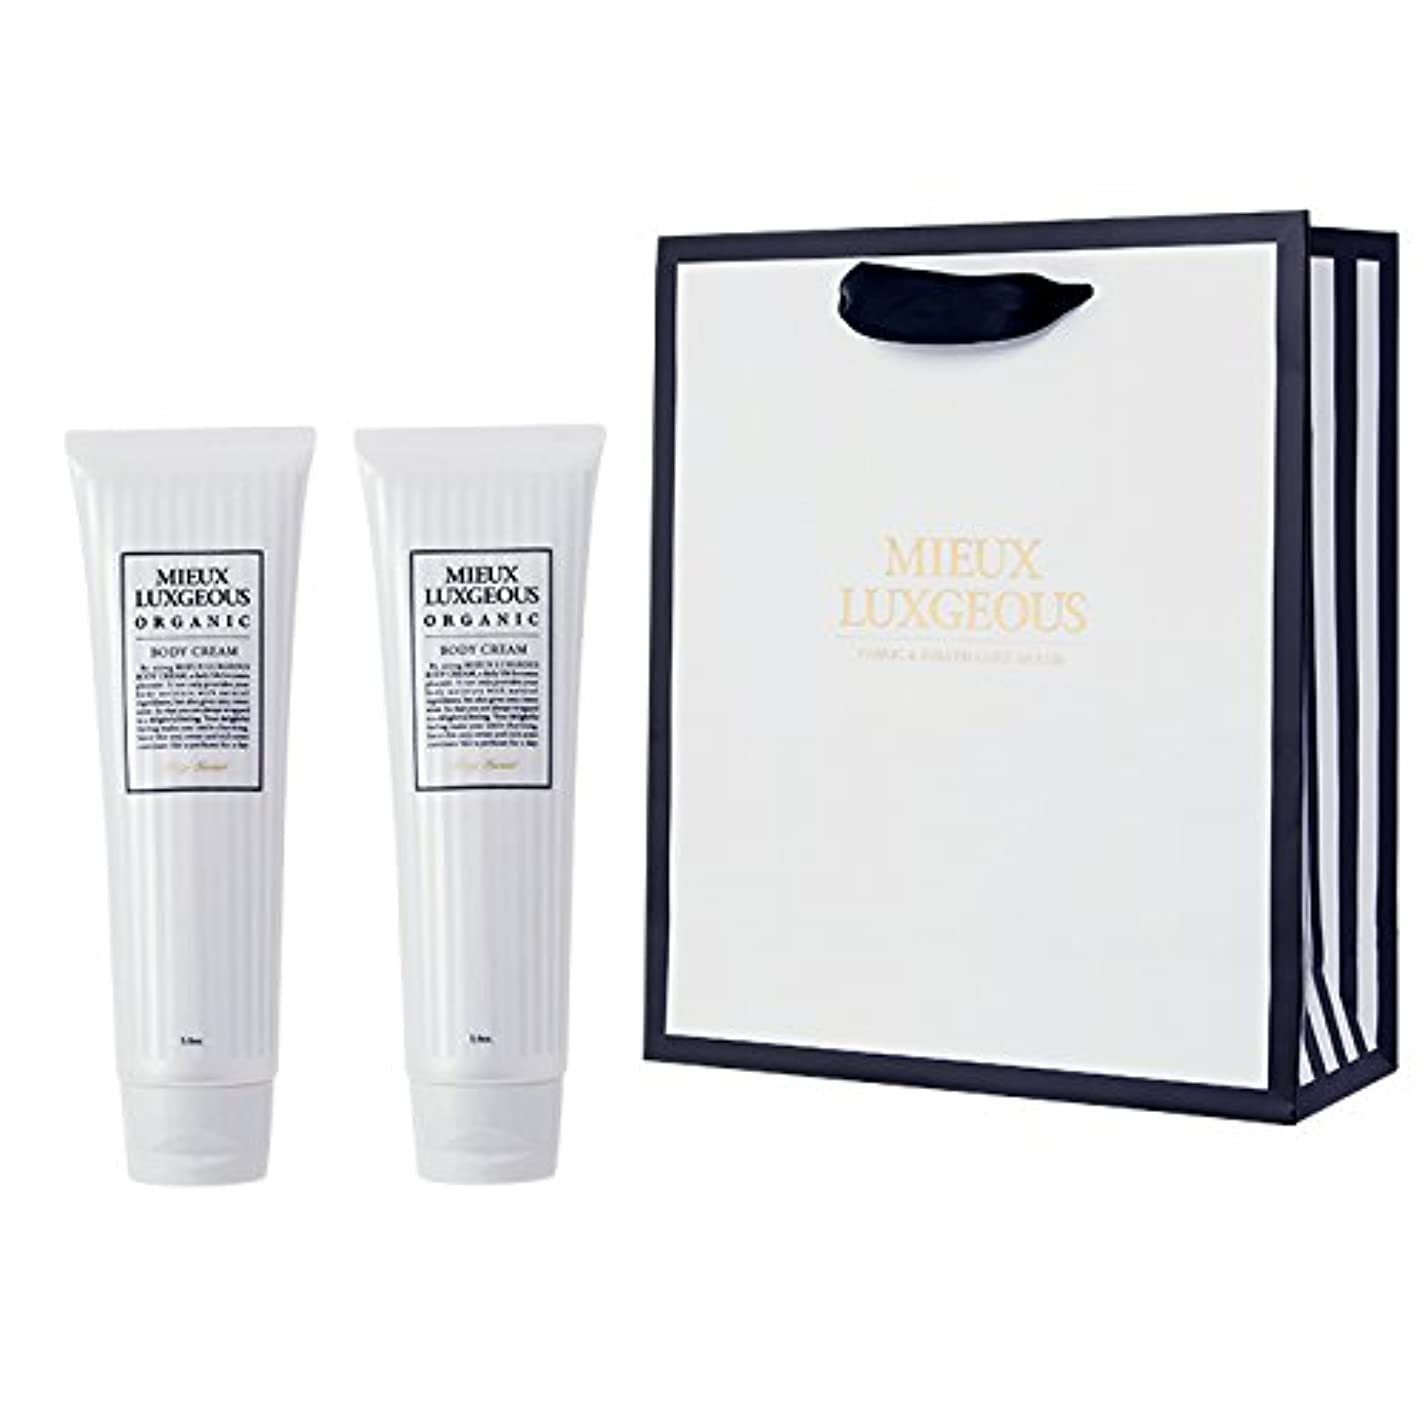 技術ノベルティひどくミューラグジャス Body Cream 2本set with Paperbag02